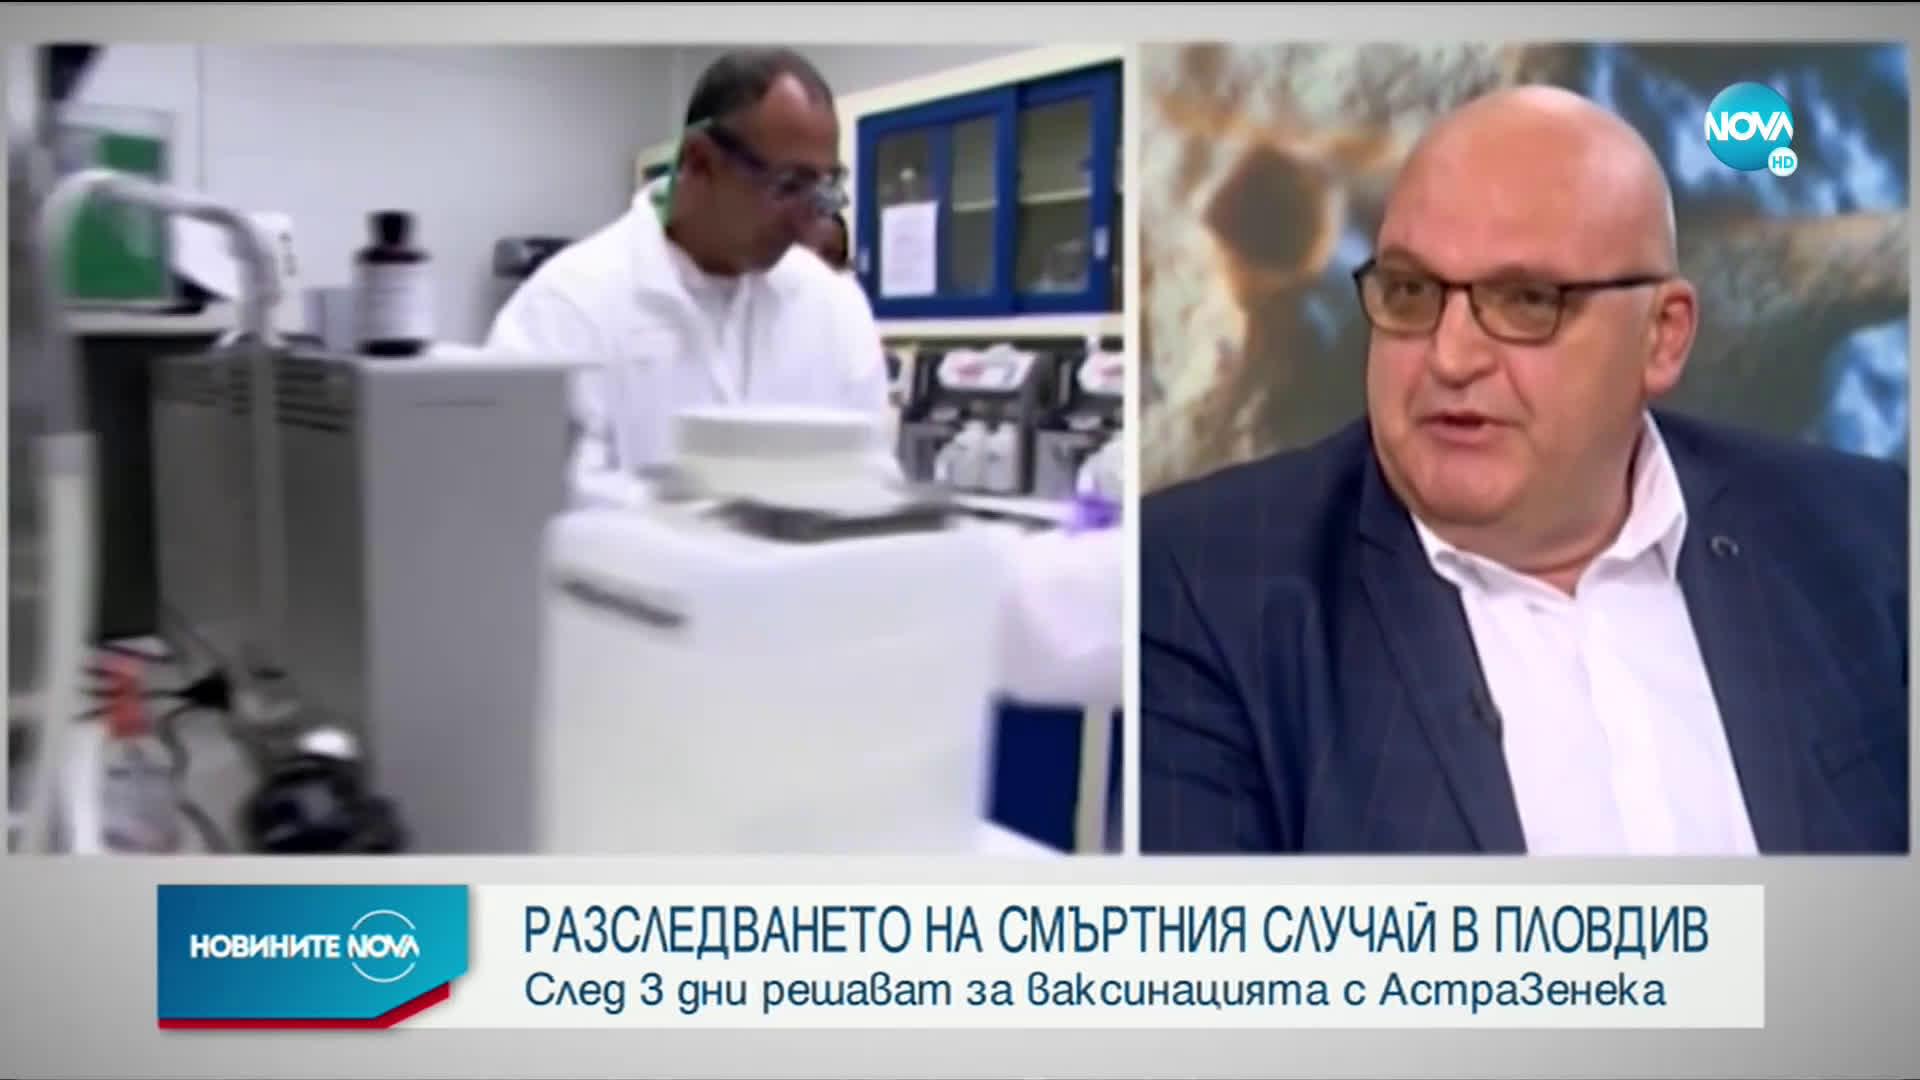 След 3 дни решават за ваксинацията с AstraZeneca (ОБЗОР)